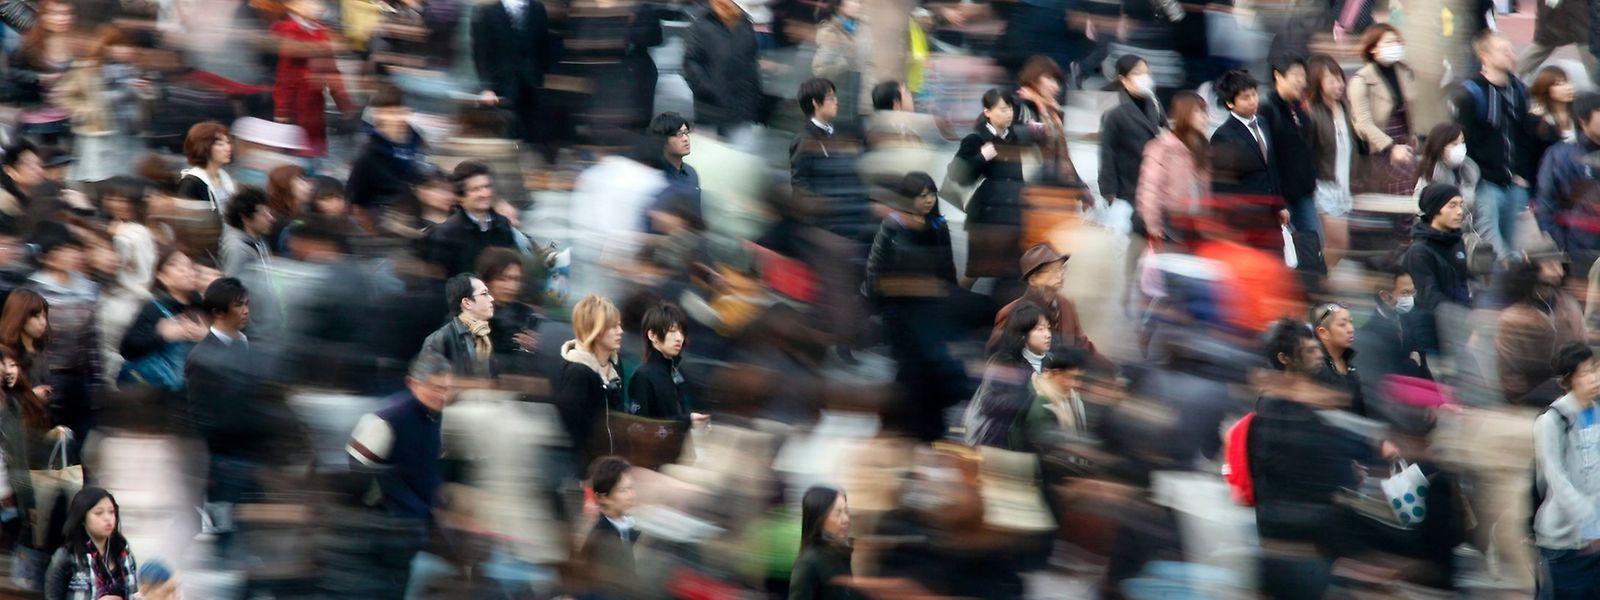 Lärm und Anonymität können für manche Menschen zu einer echten Belastung werden.